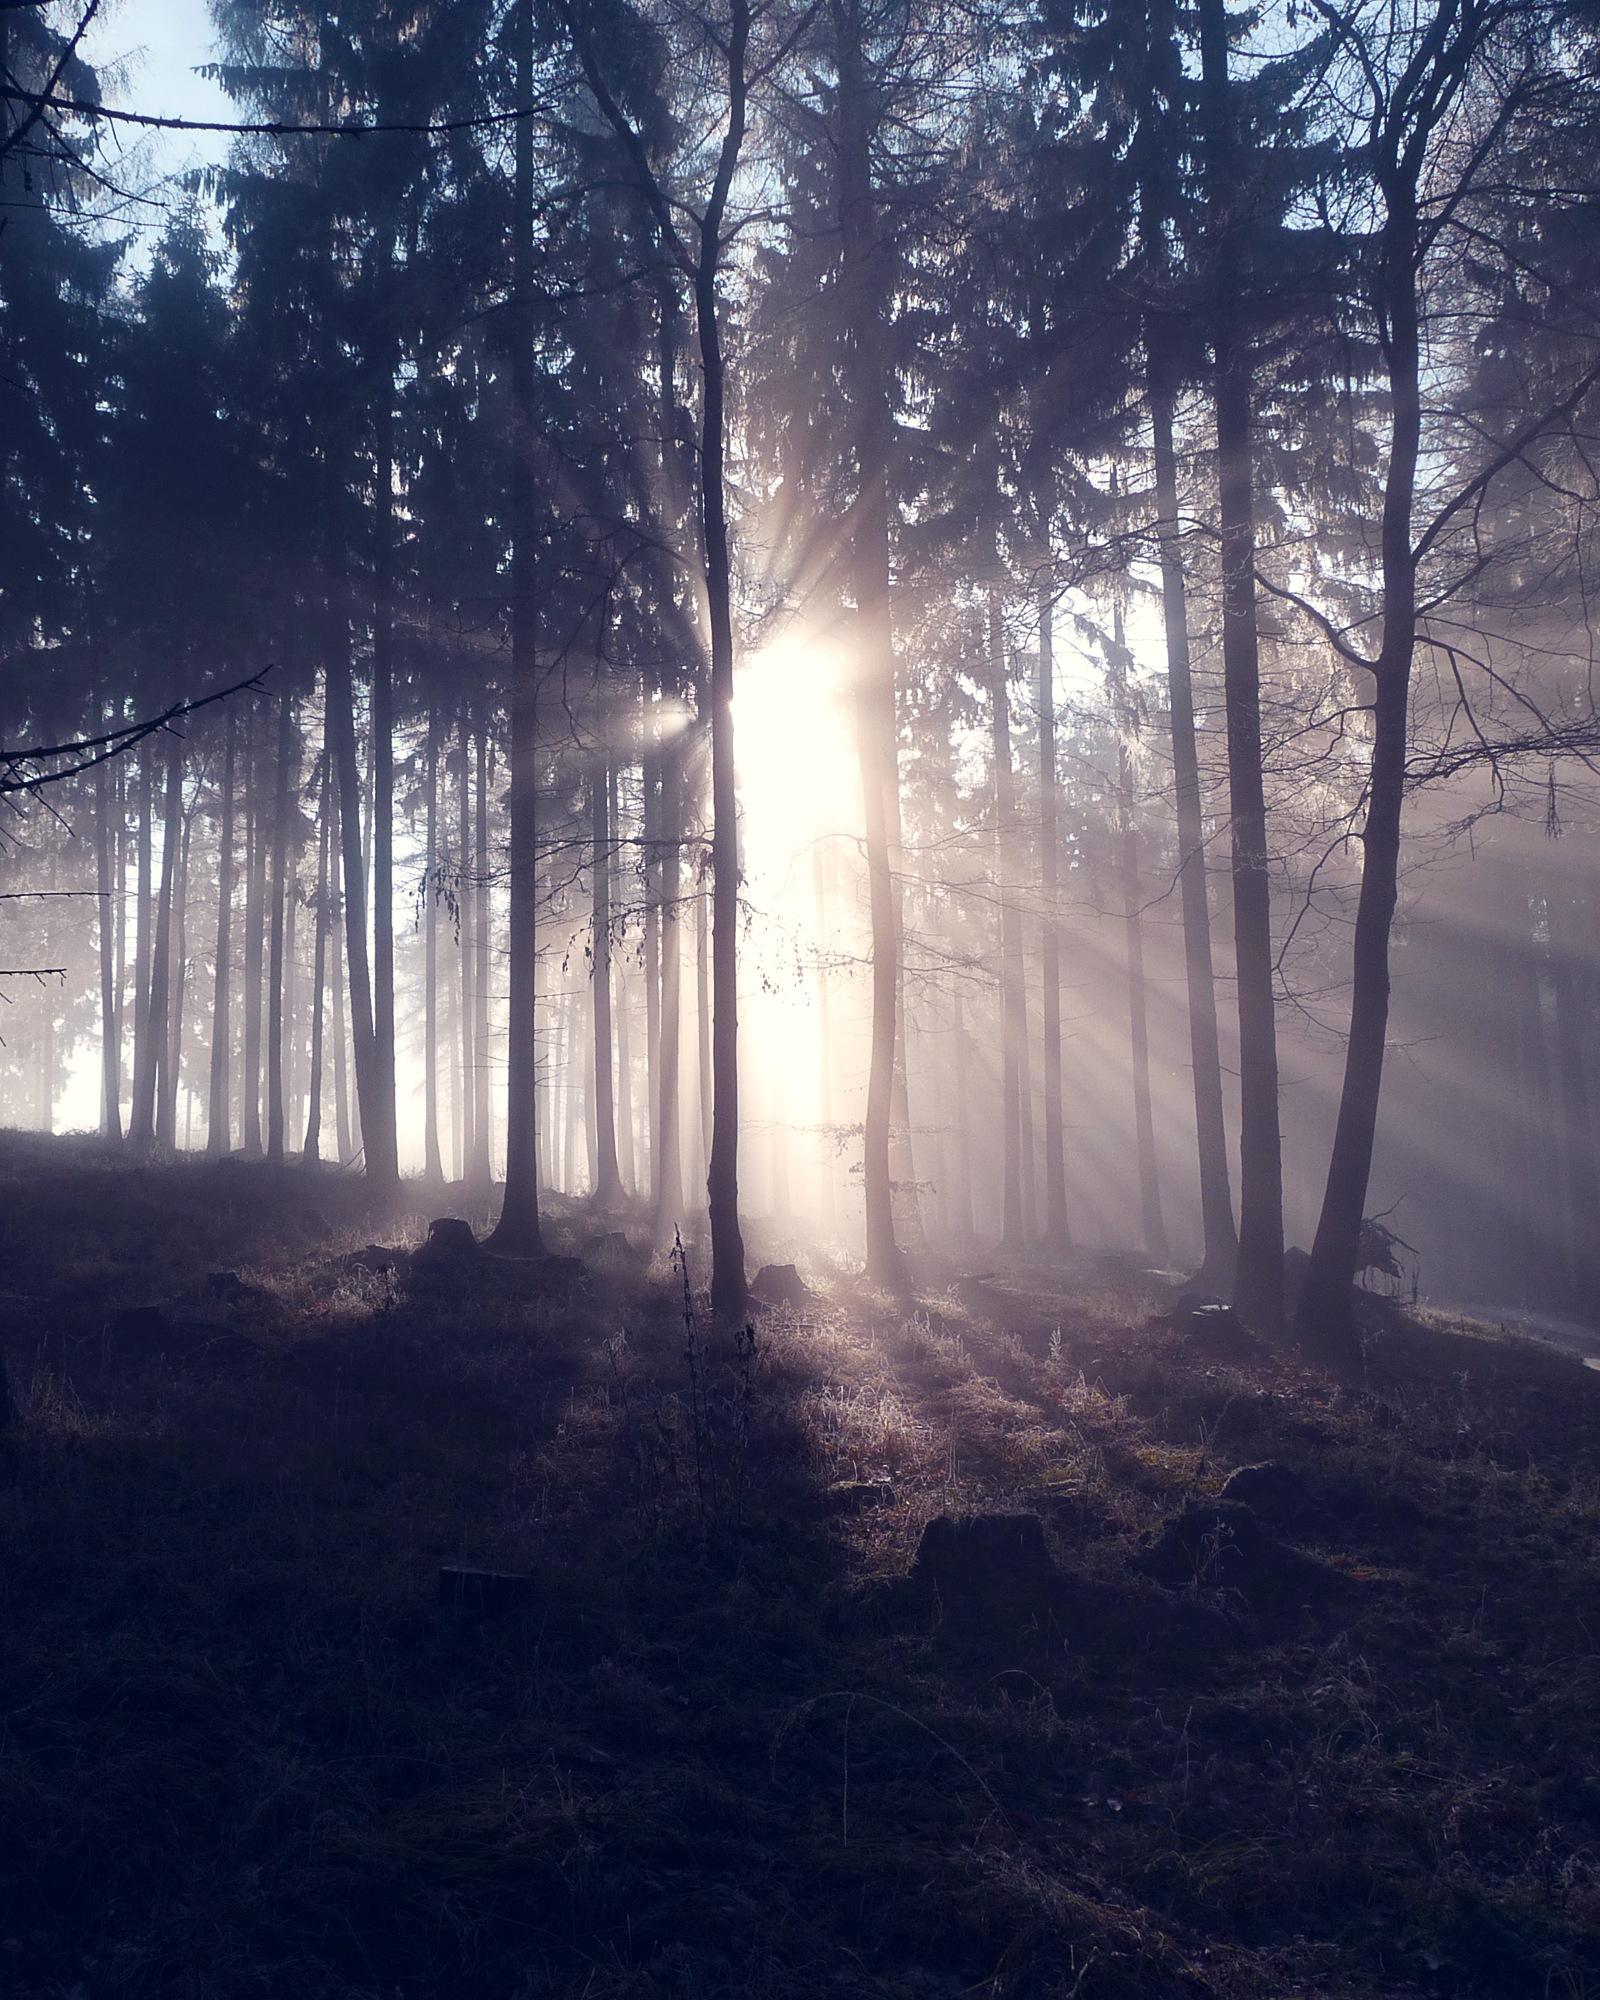 A Foggy Day II by Jaroslav Vosáhlo